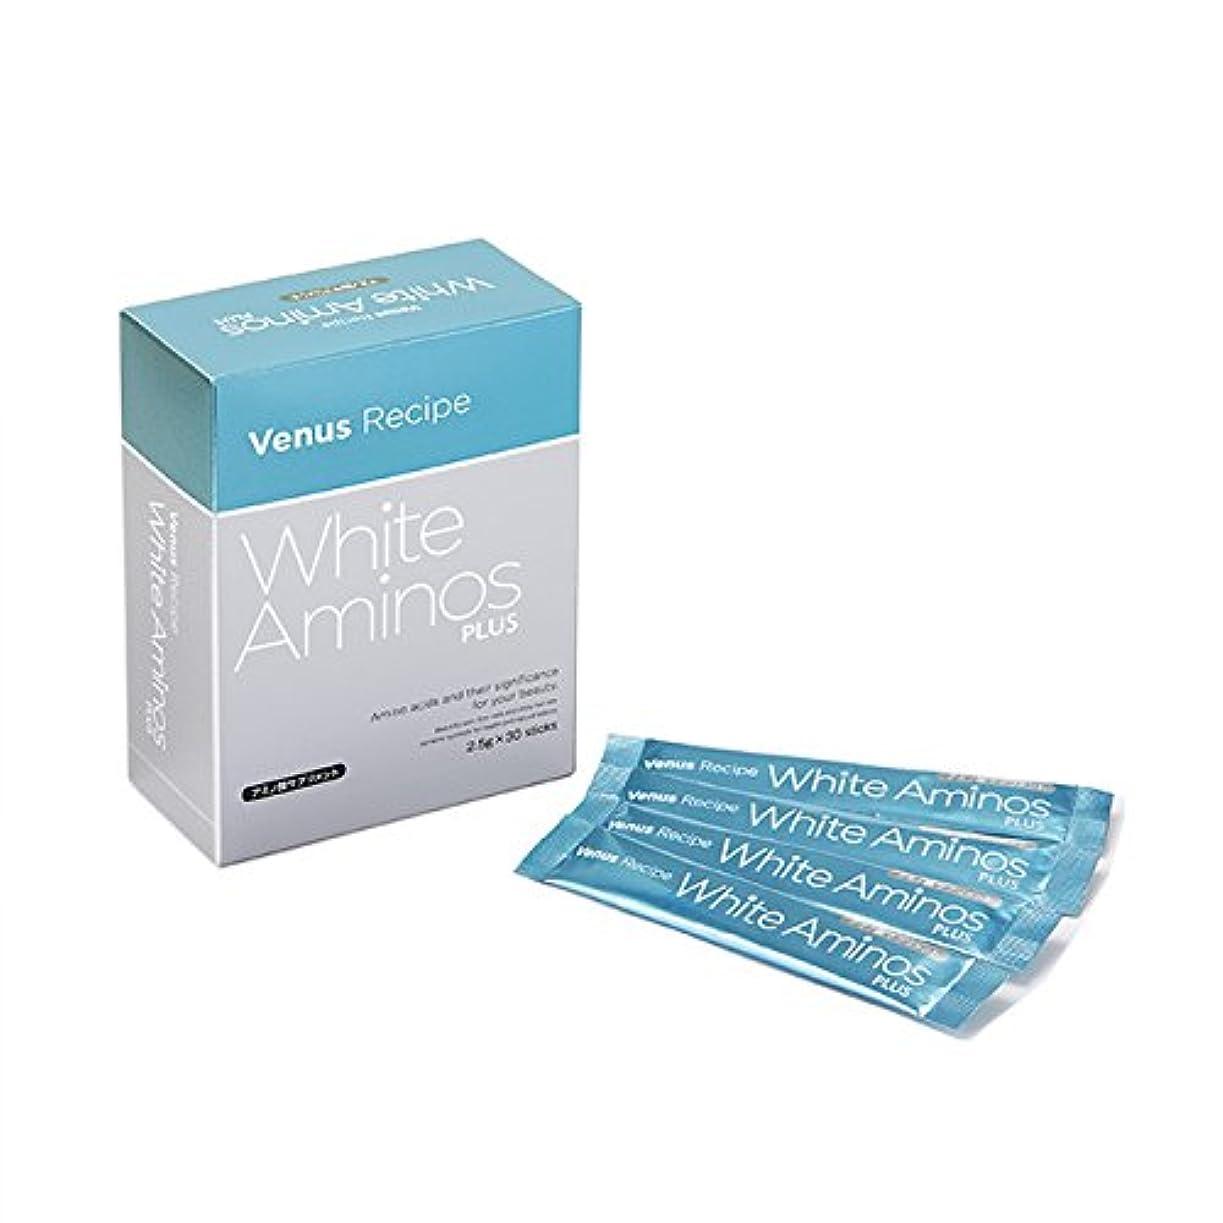 未来ペニーペインギリックアクシージア (AXXZIA) ヴィーナスレシピ ホワイト アミノズ プラス 75g(2.5g×30包)| アミノ酸